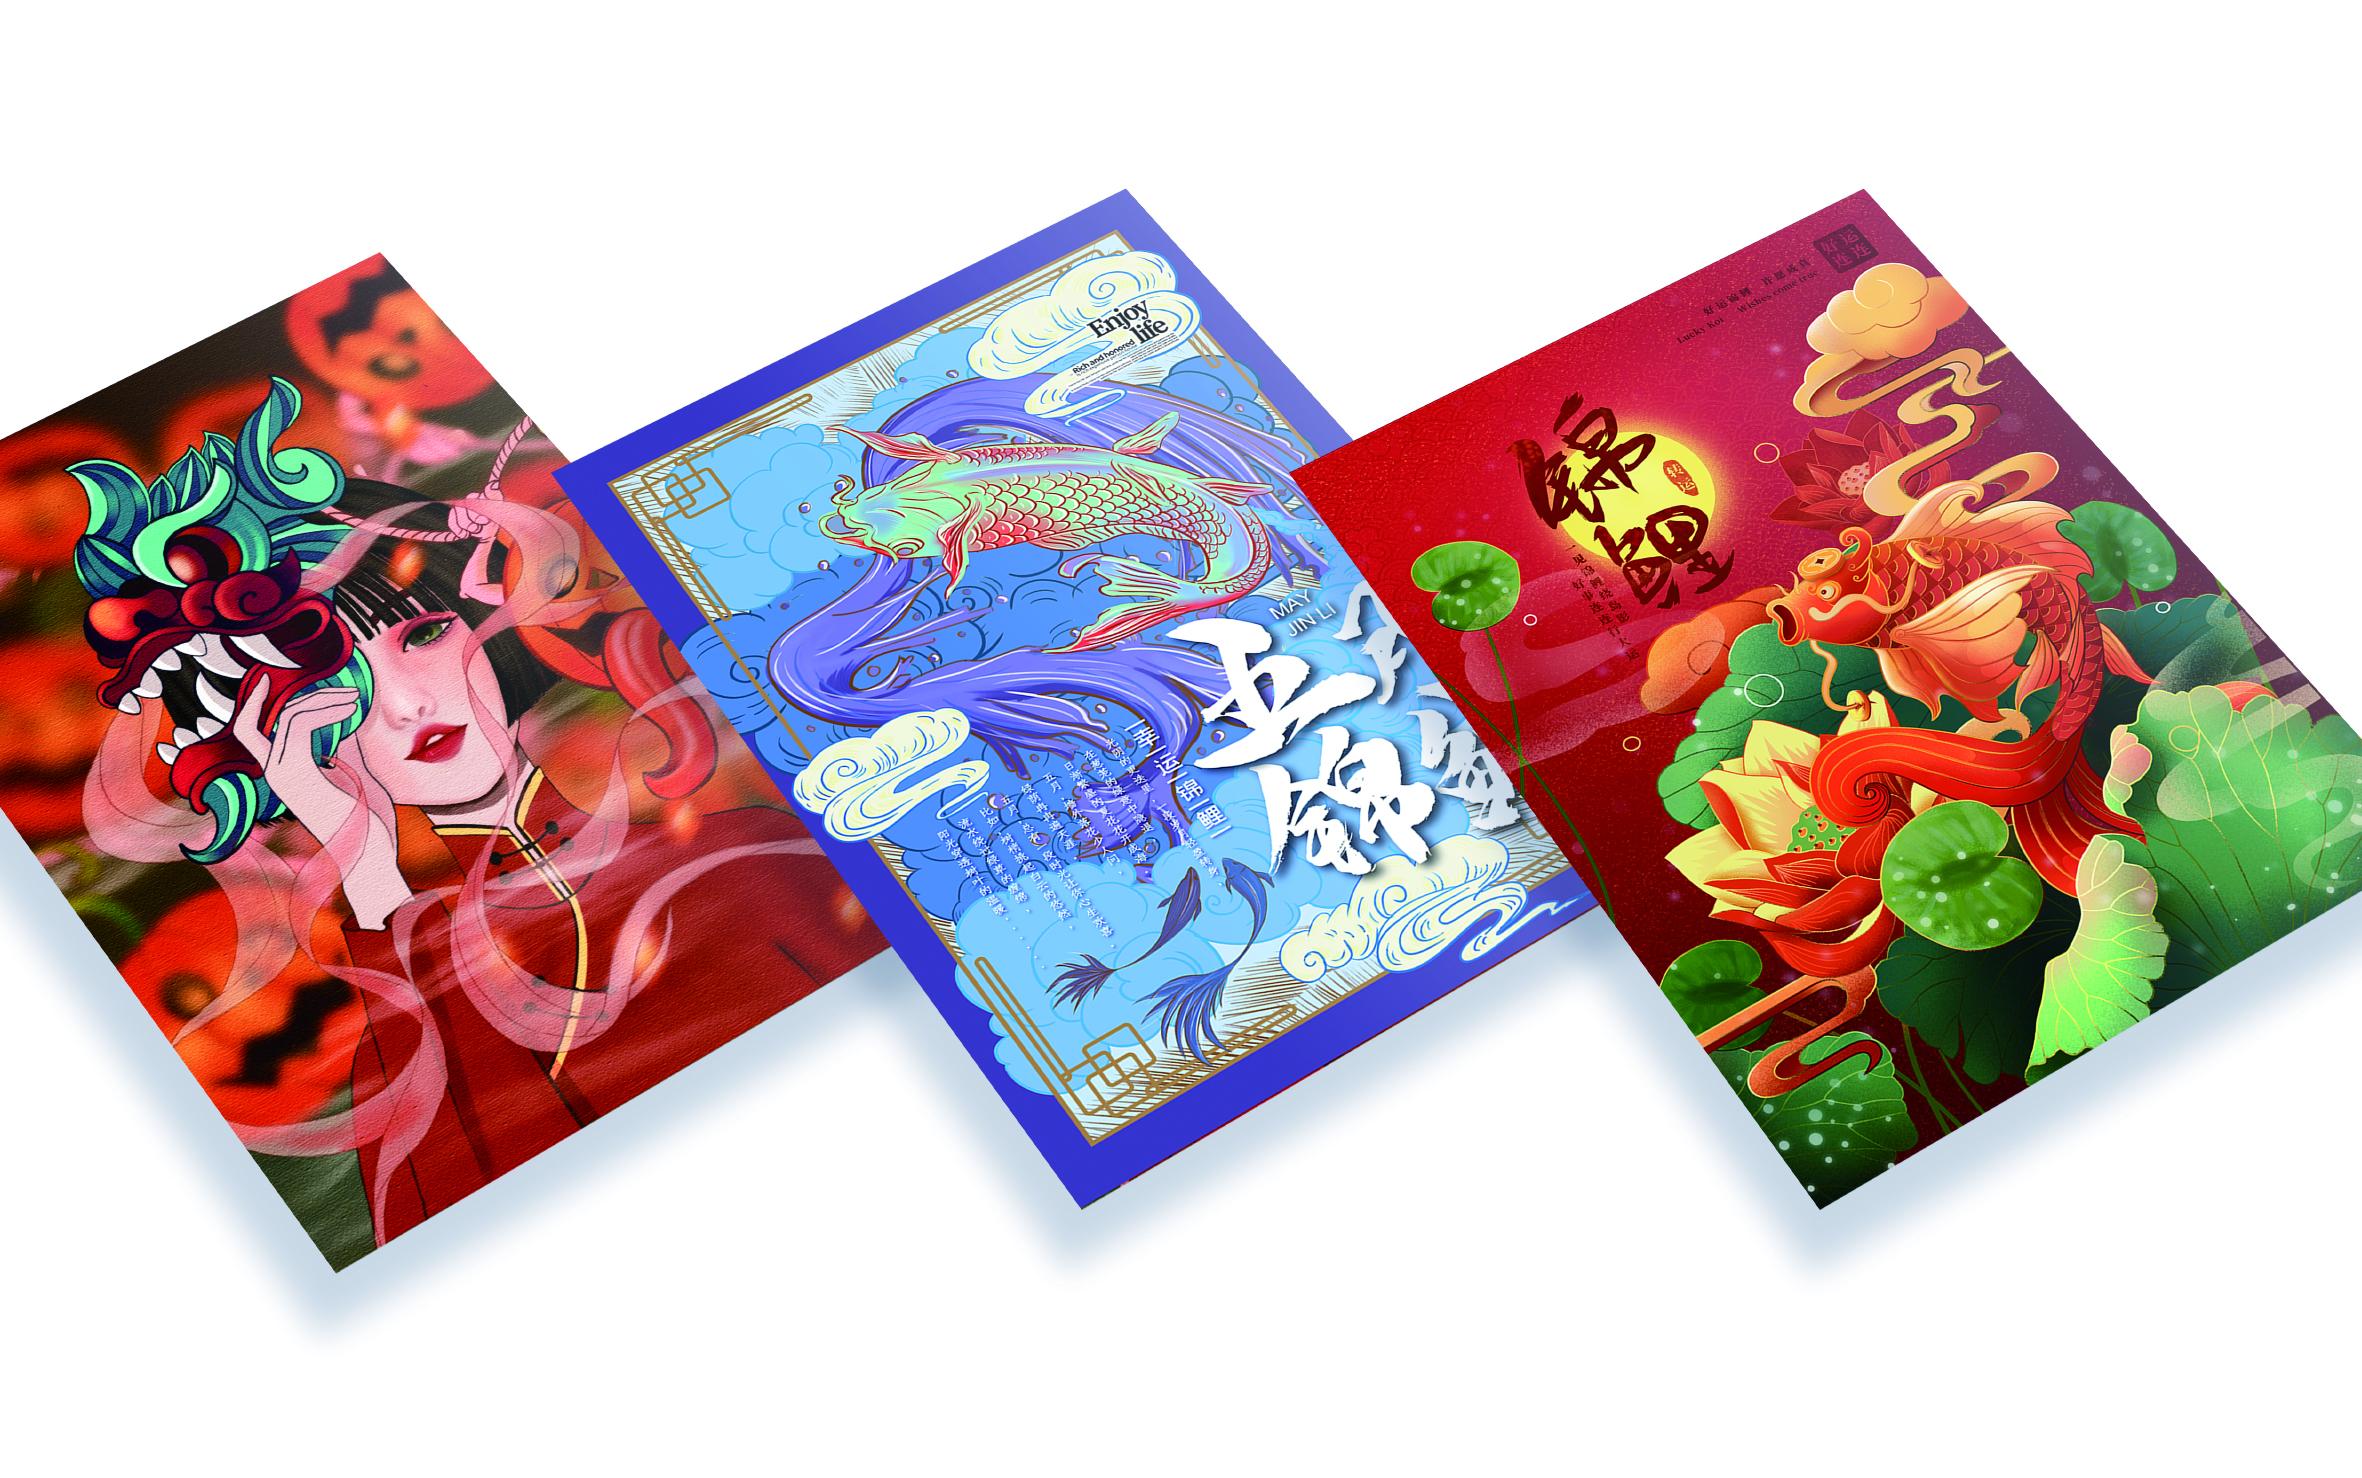 定制活动海报设计宣传单海报促销展板会议户外广告餐饮展架易拉宝